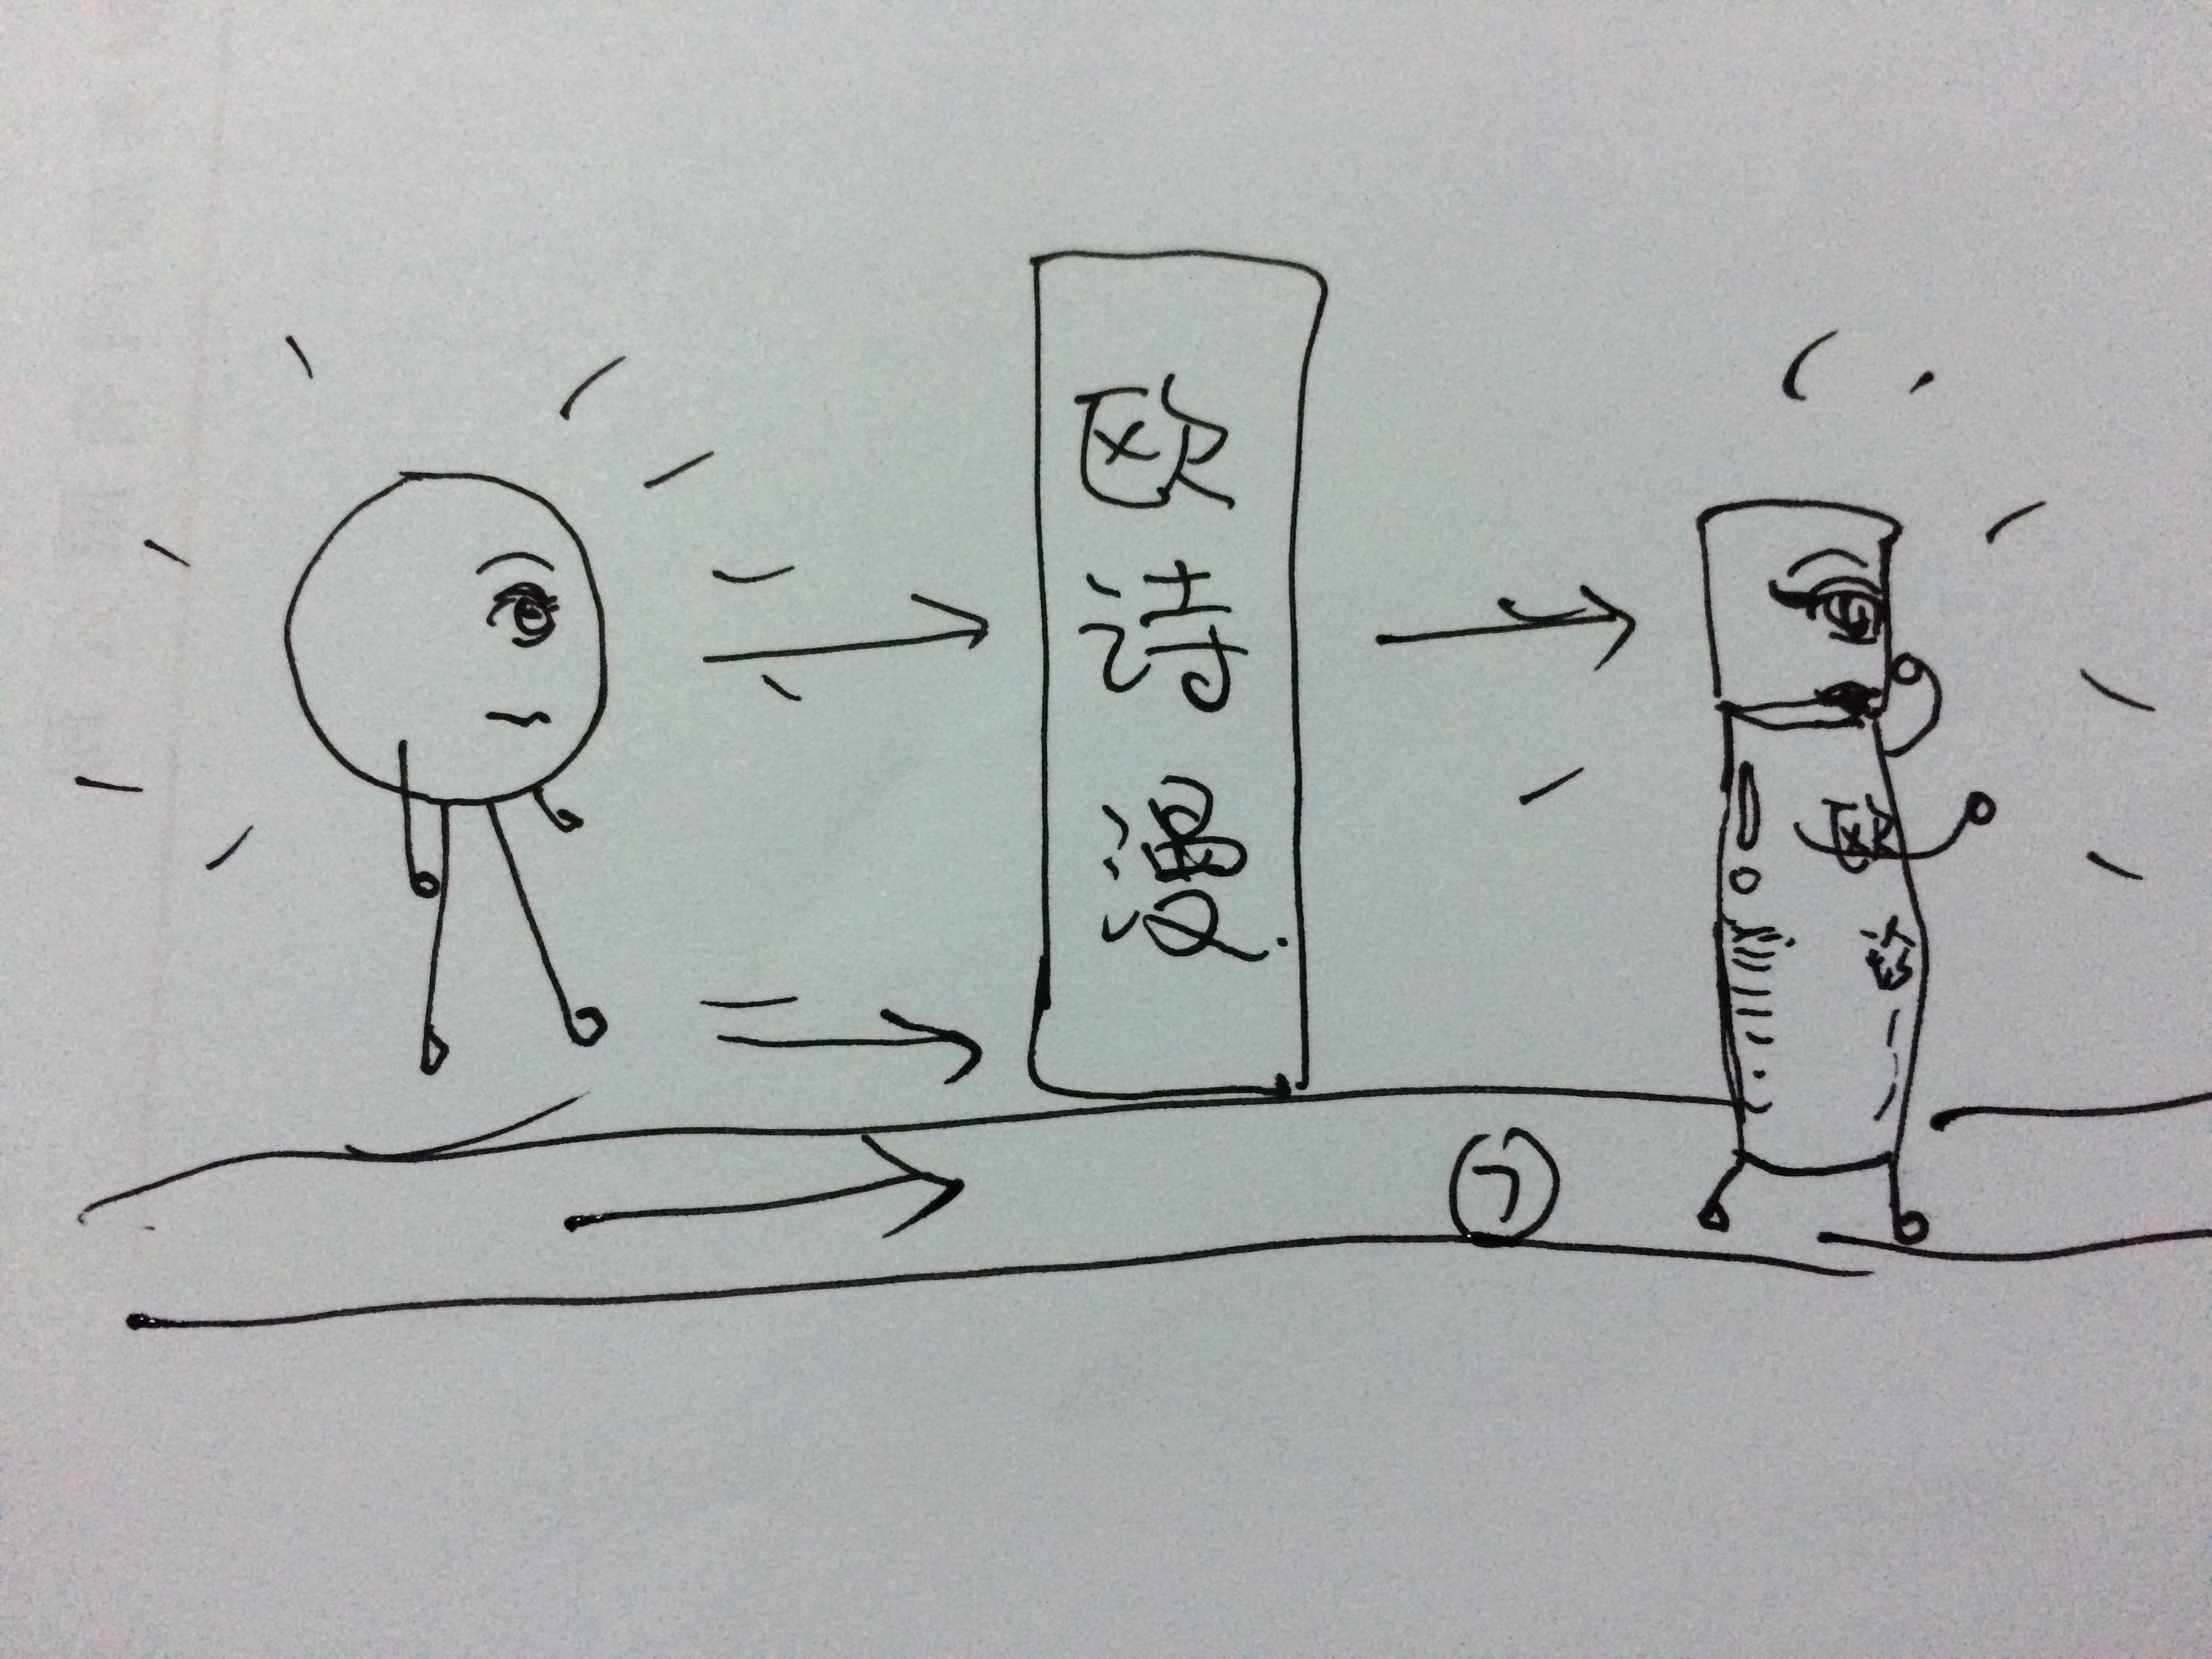 珍珠简笔画画法步骤图